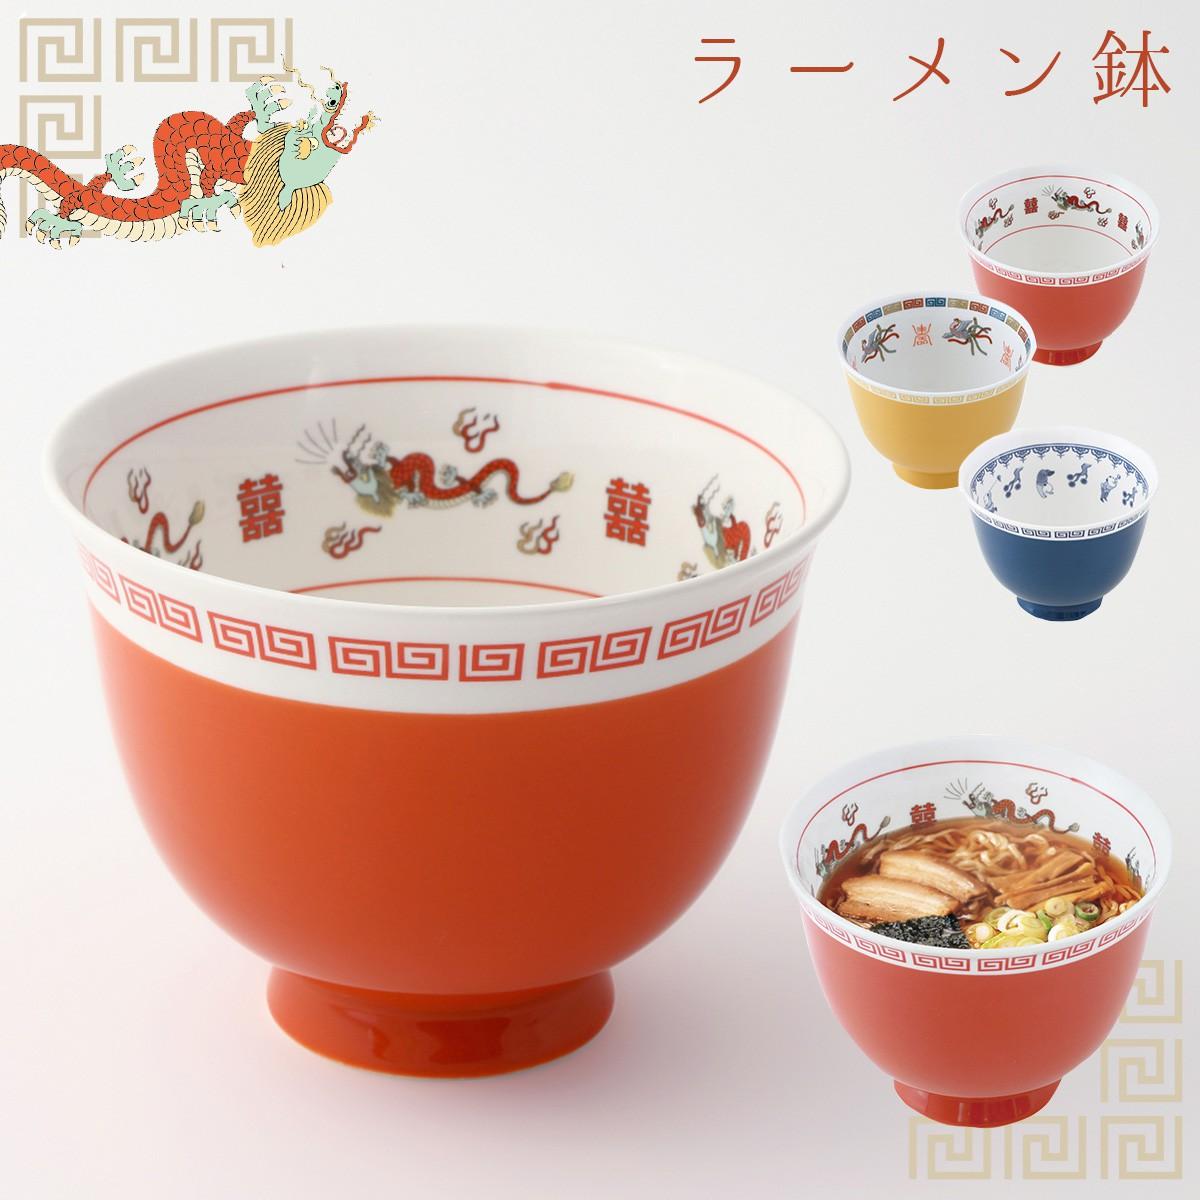 ラーメン鉢 ラーメン丼 おまち堂 ラーメシバチ